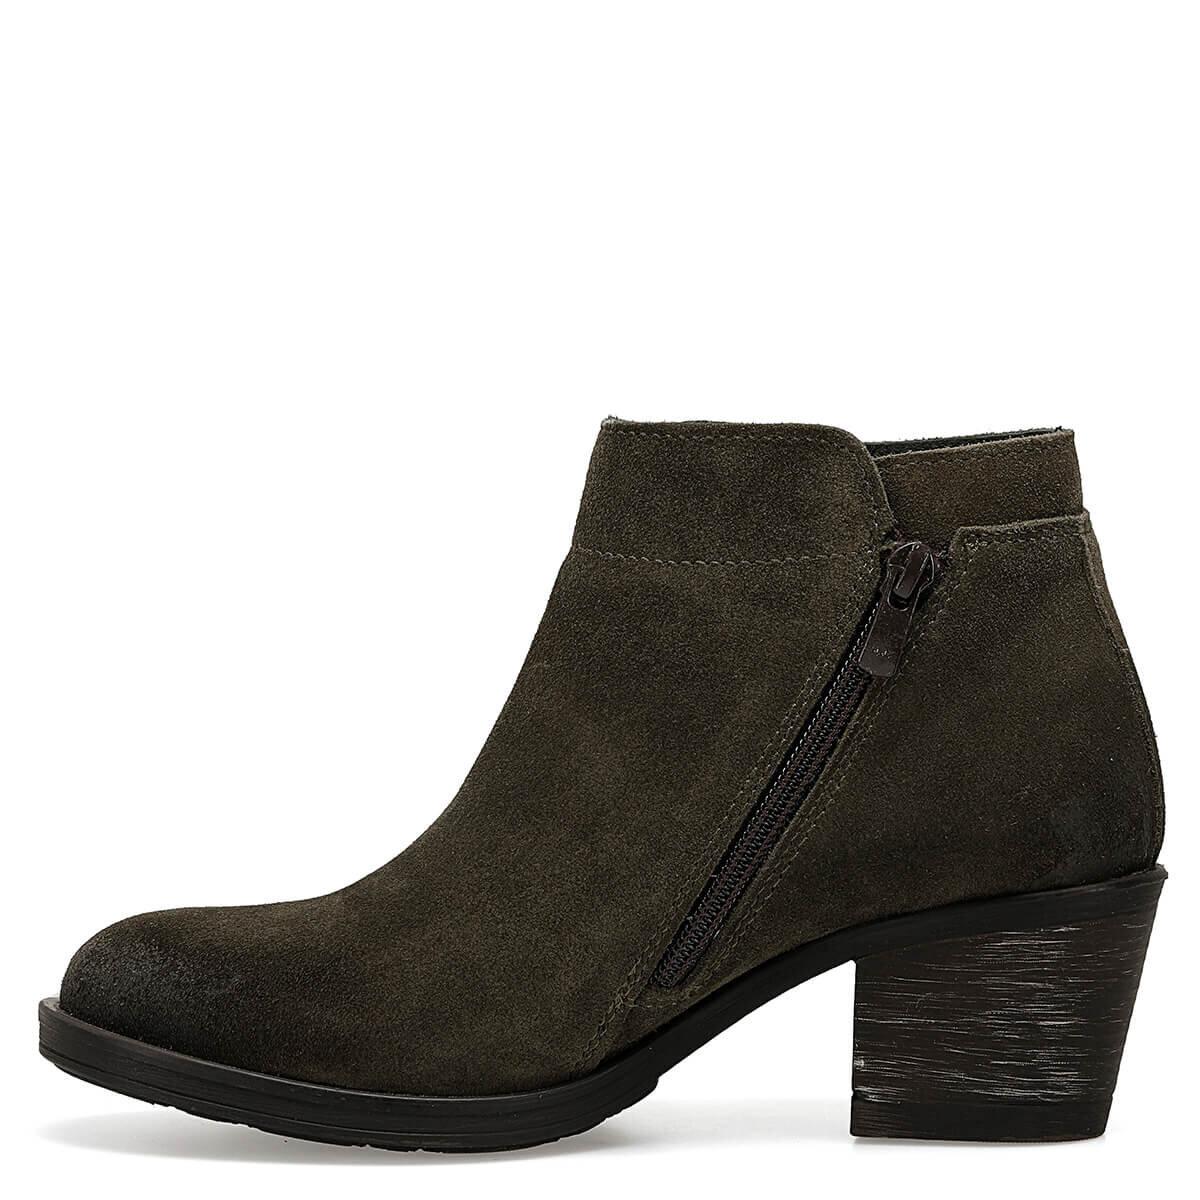 BOLCI Haki Kadın Topuklu Ayakkabı